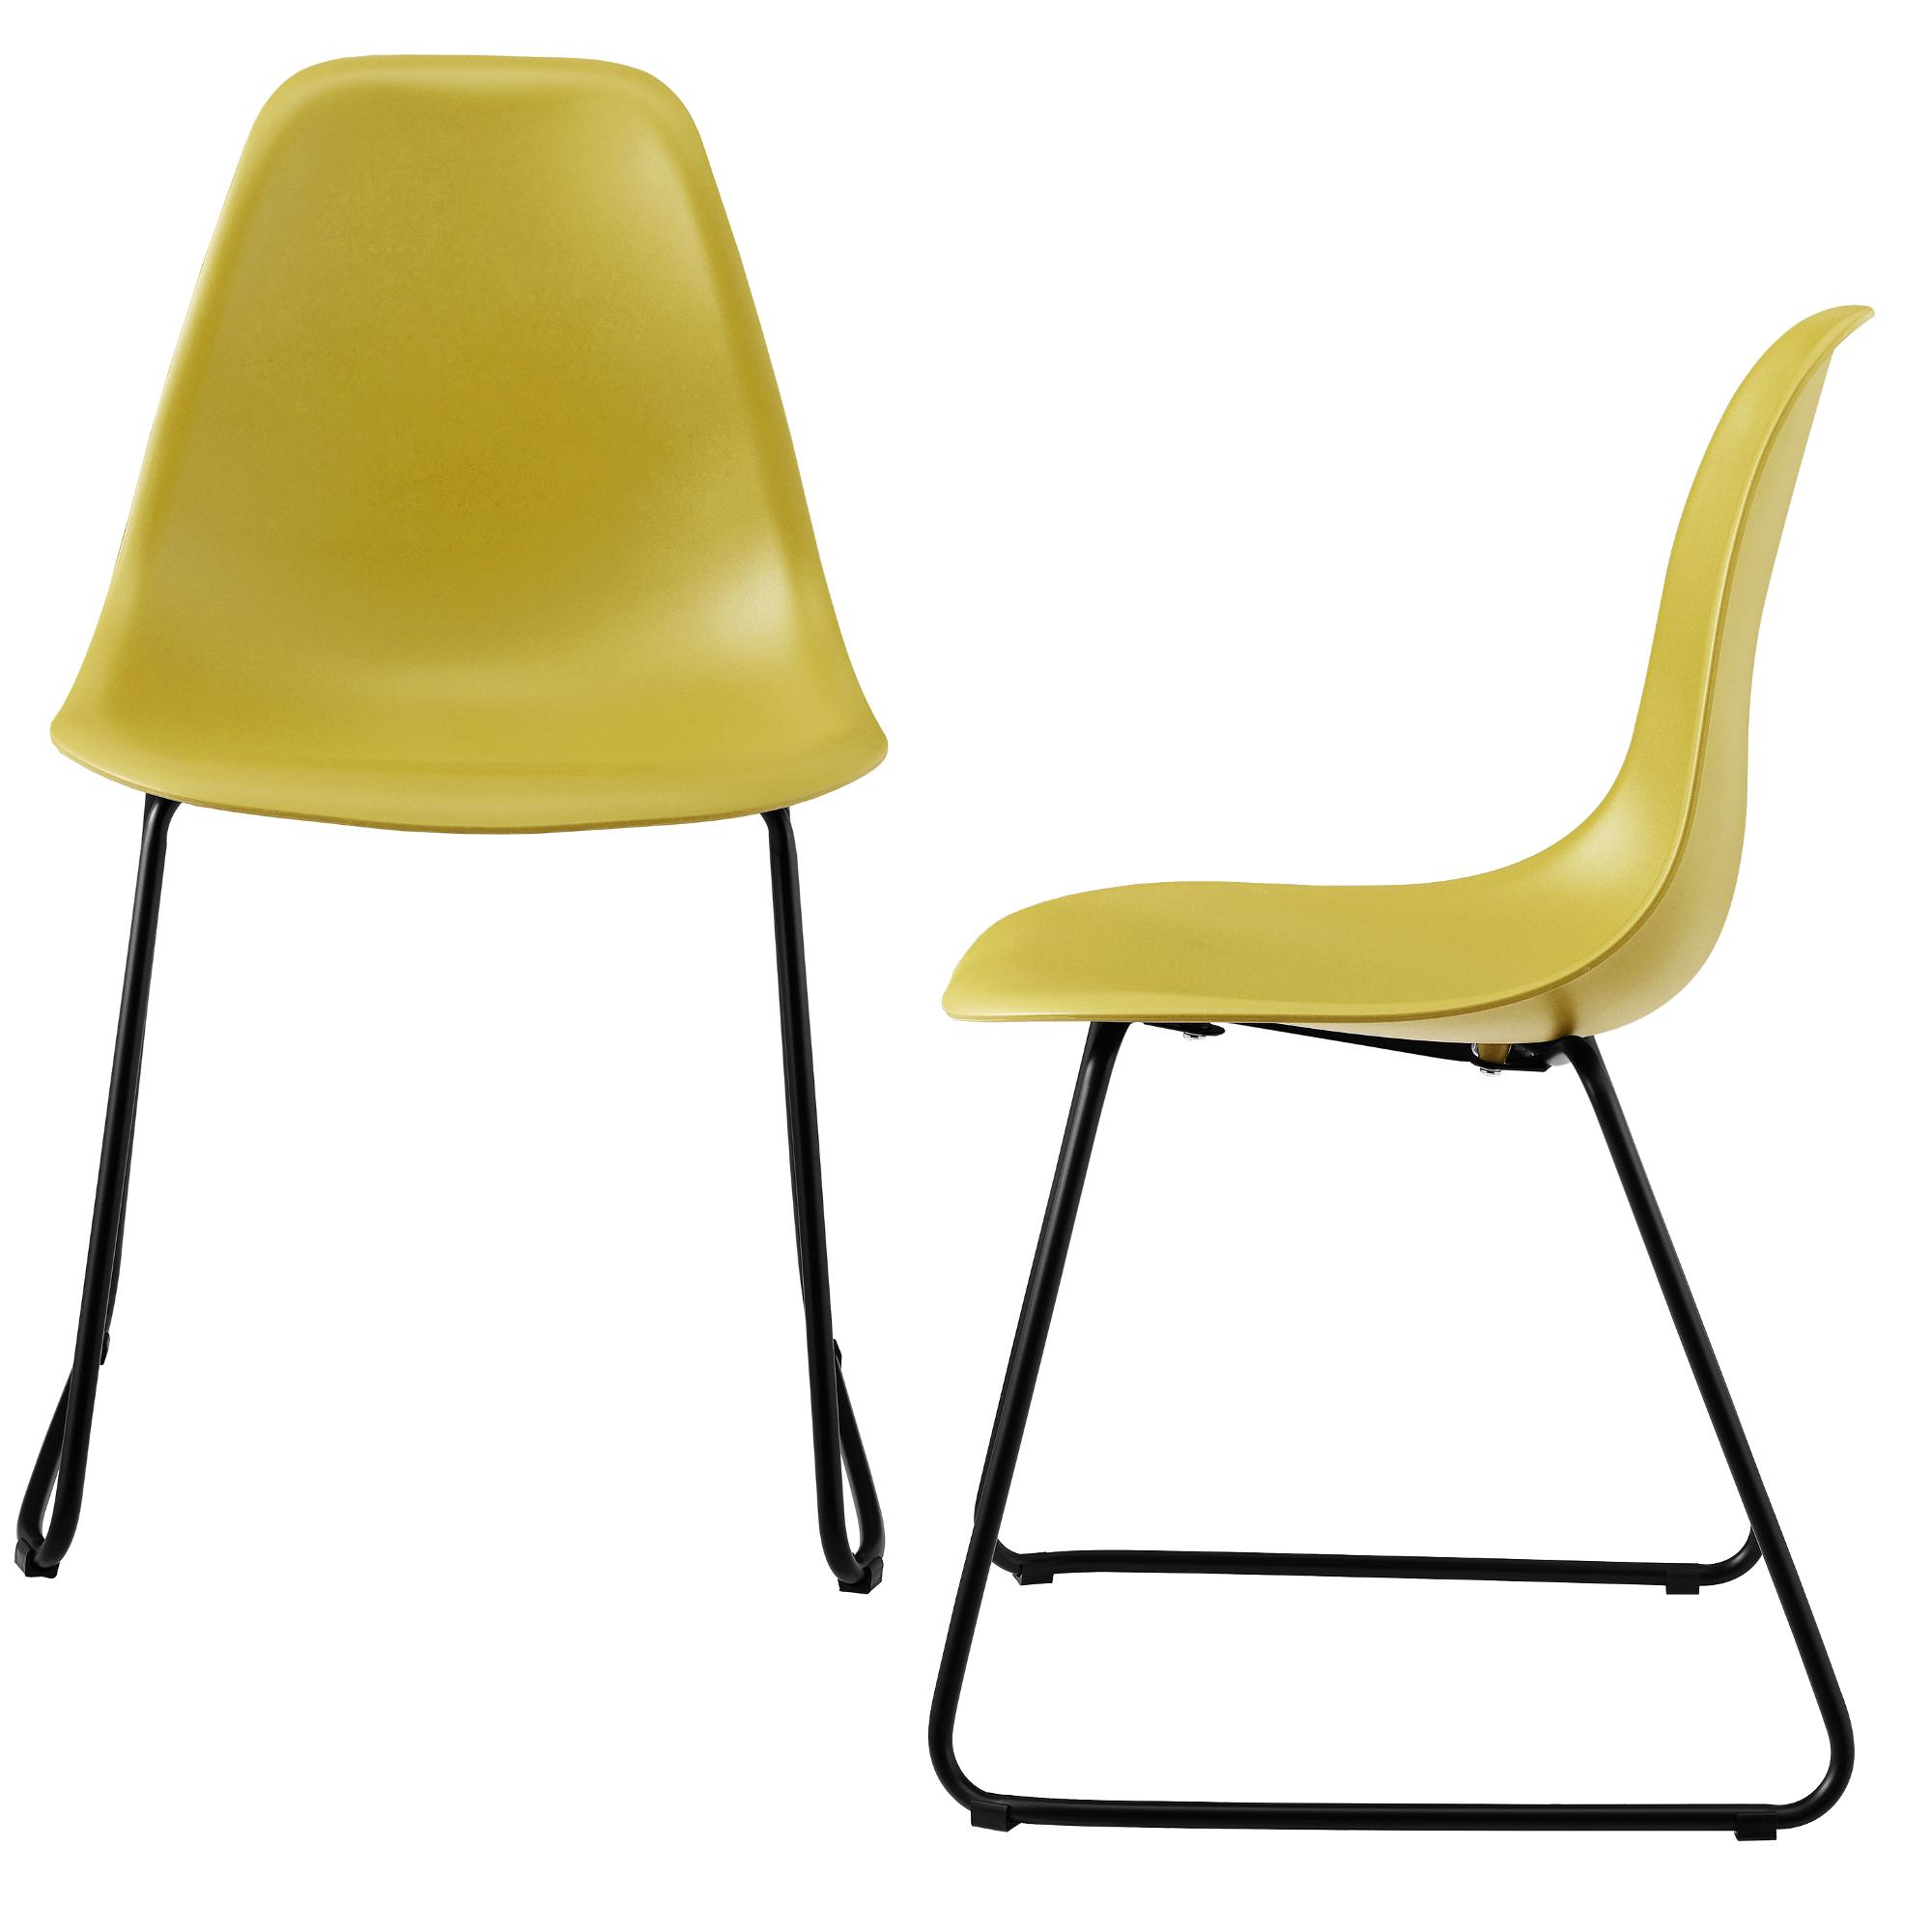 2x design st hle 82x46 5cm esszimmerst hle for Design stuhl kunststoff